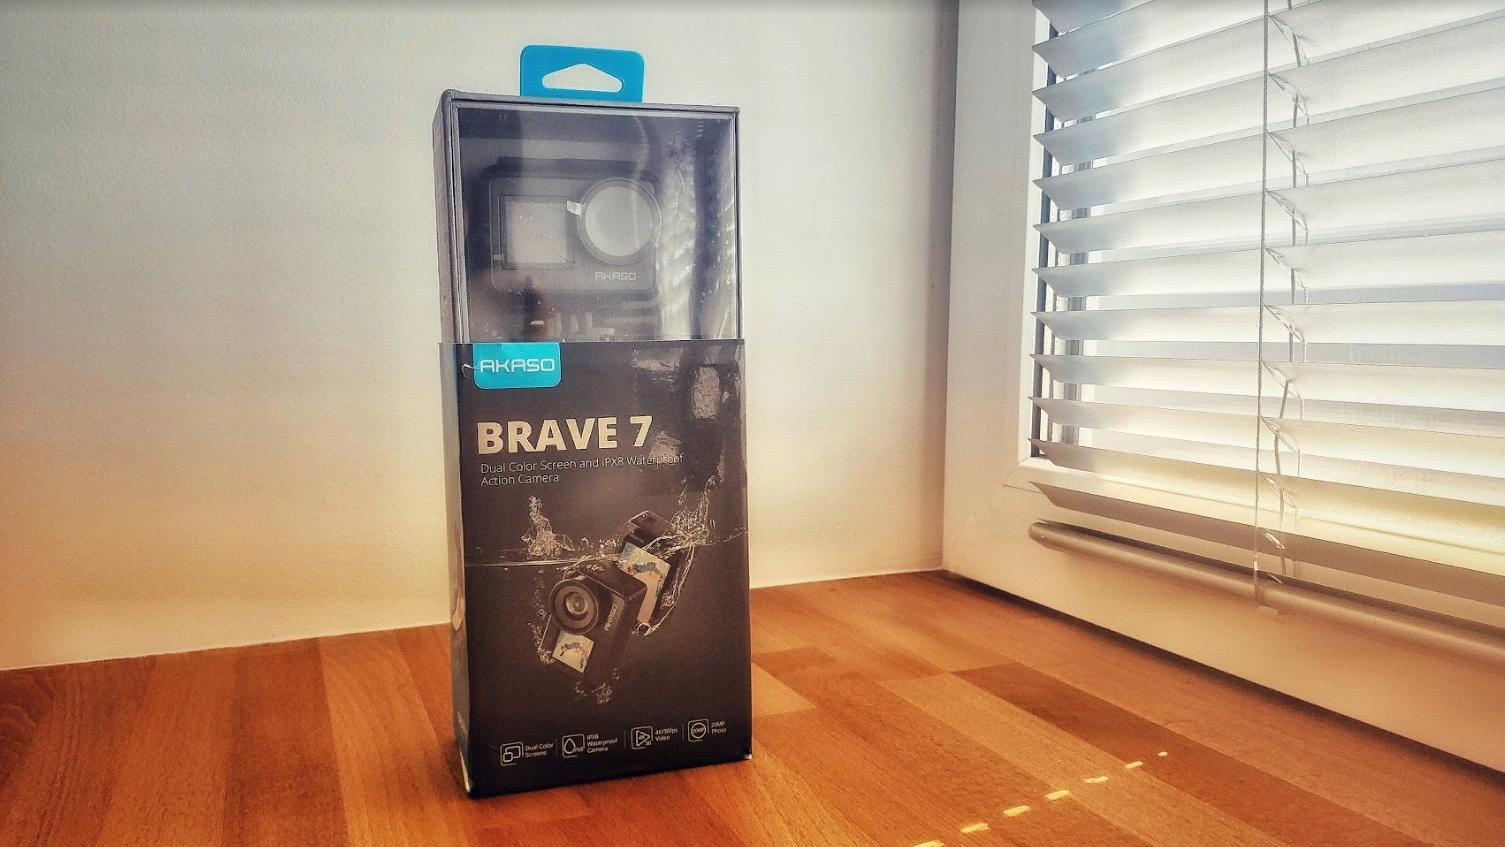 Добавьте в свою жизнь чуточку экшена! Обзор новой камеры Akaso Brave 7: достоинства и недостатки